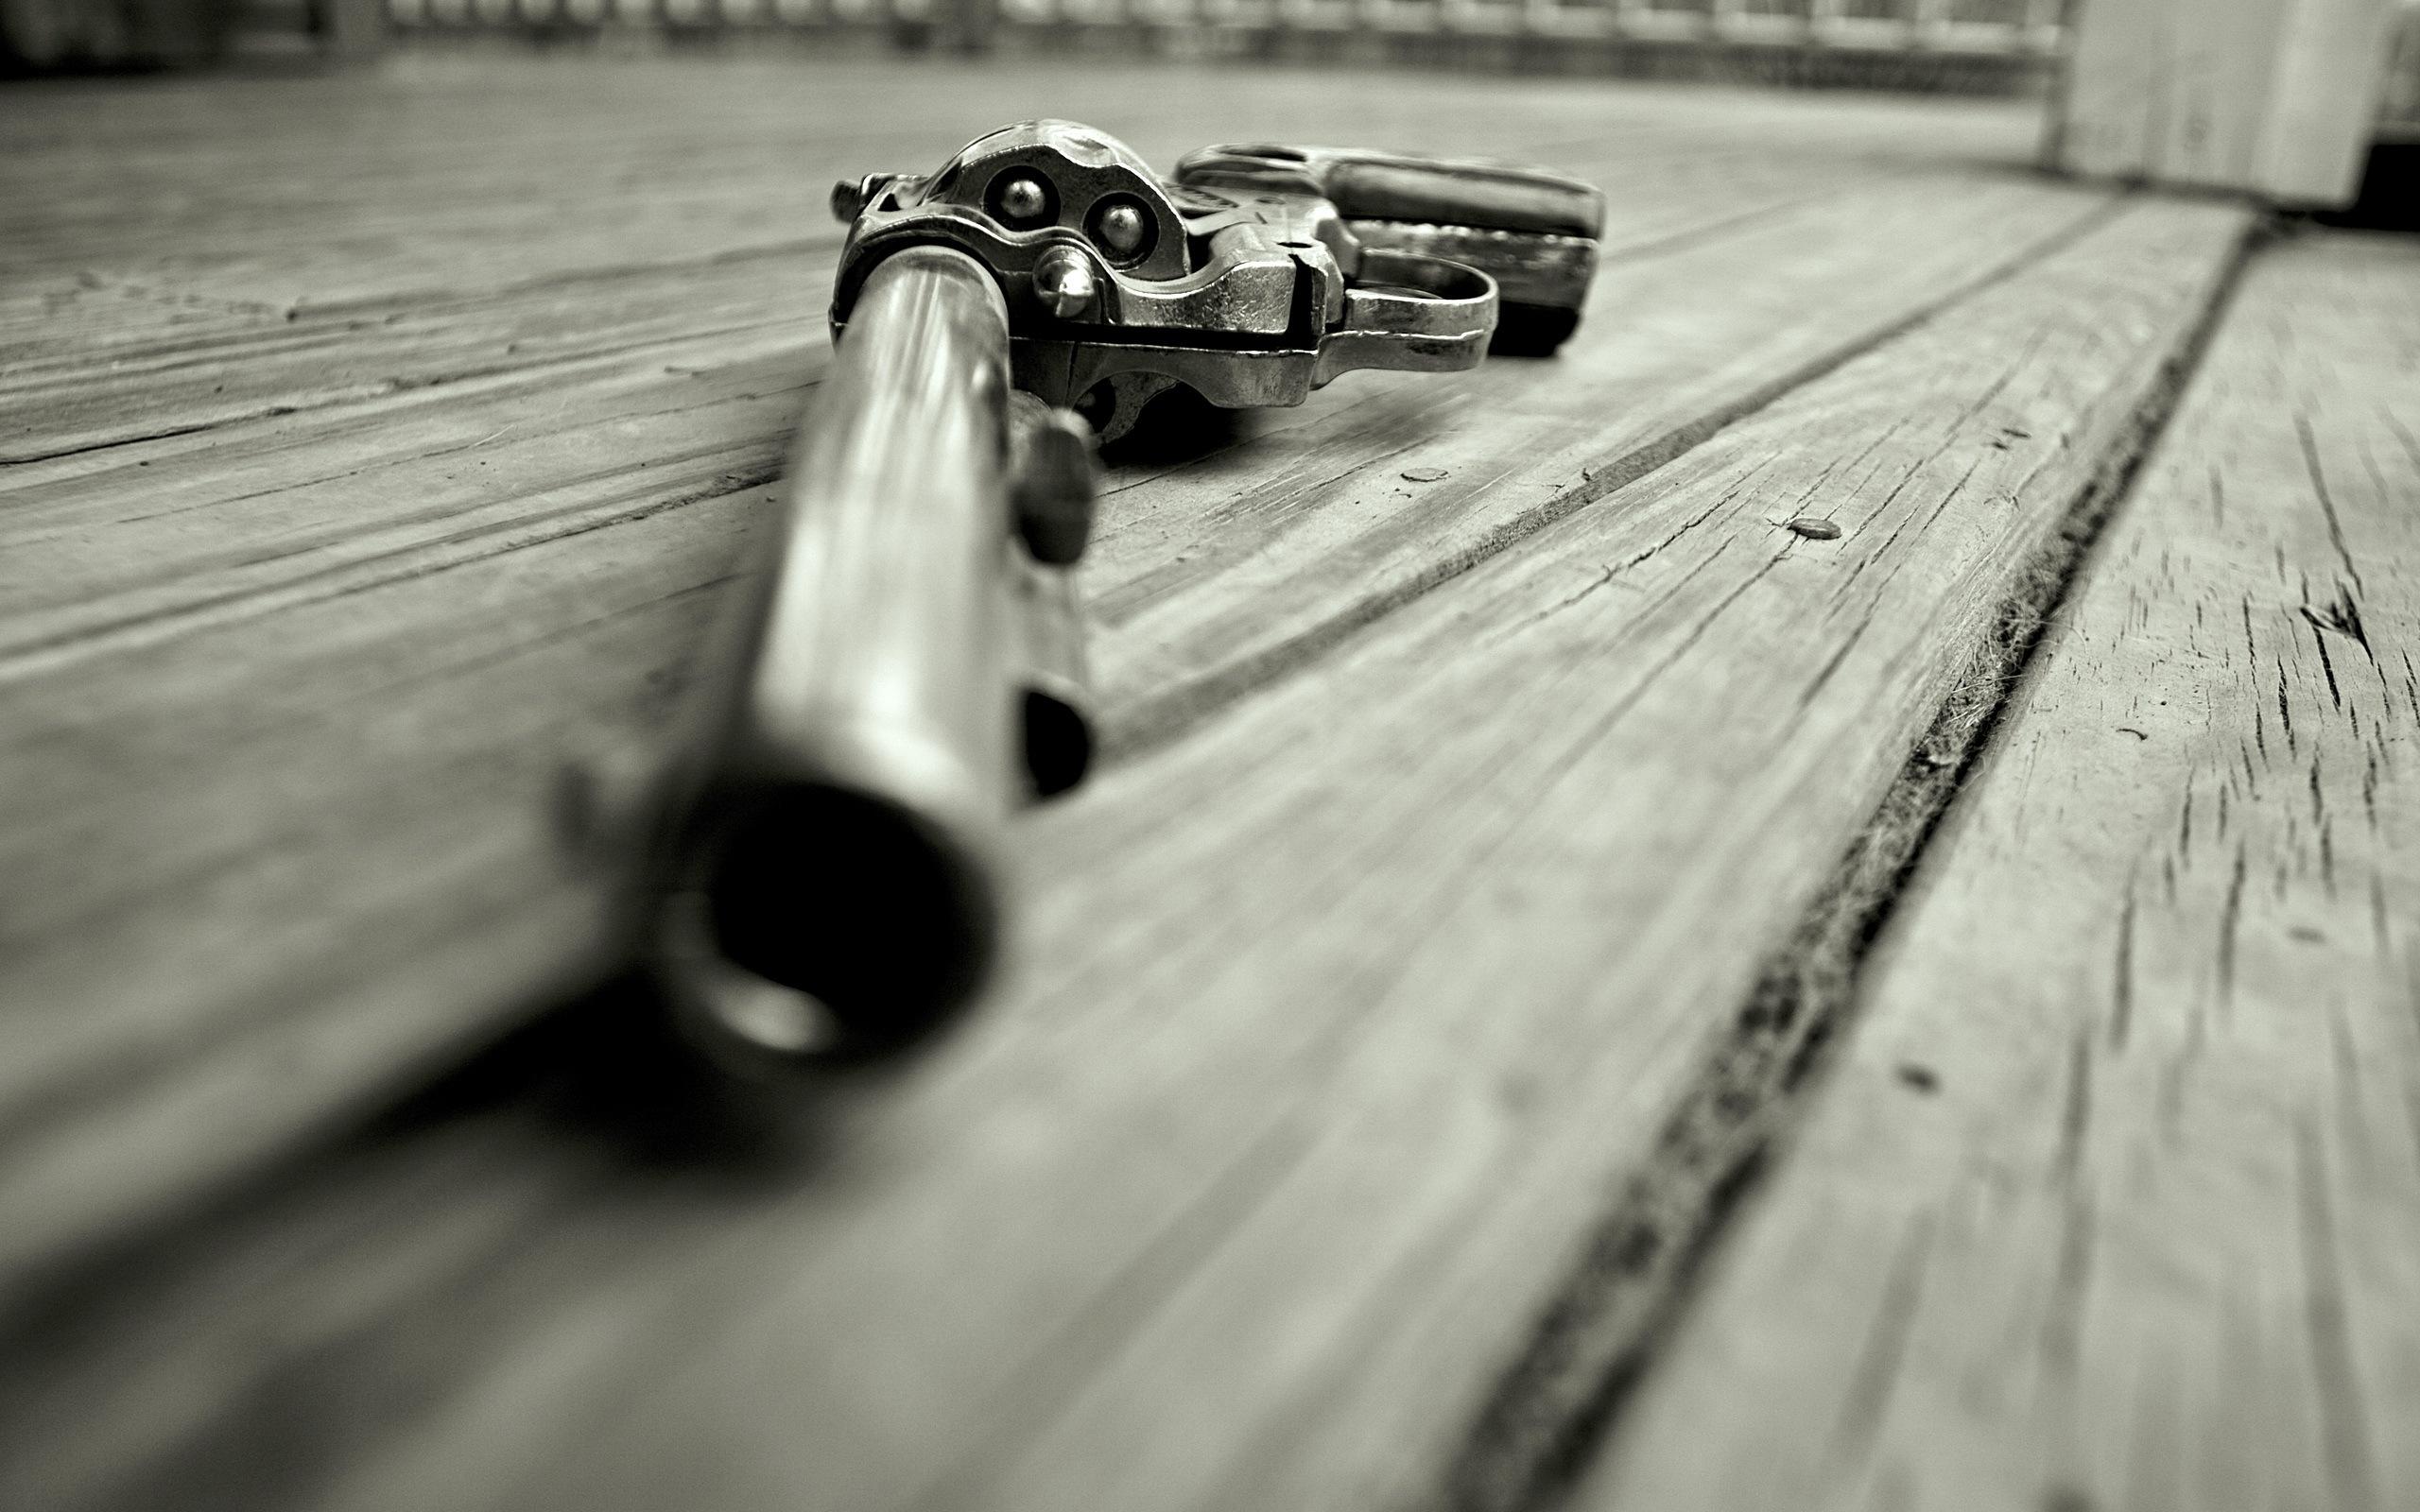 sonar-con-armas-y-disparos